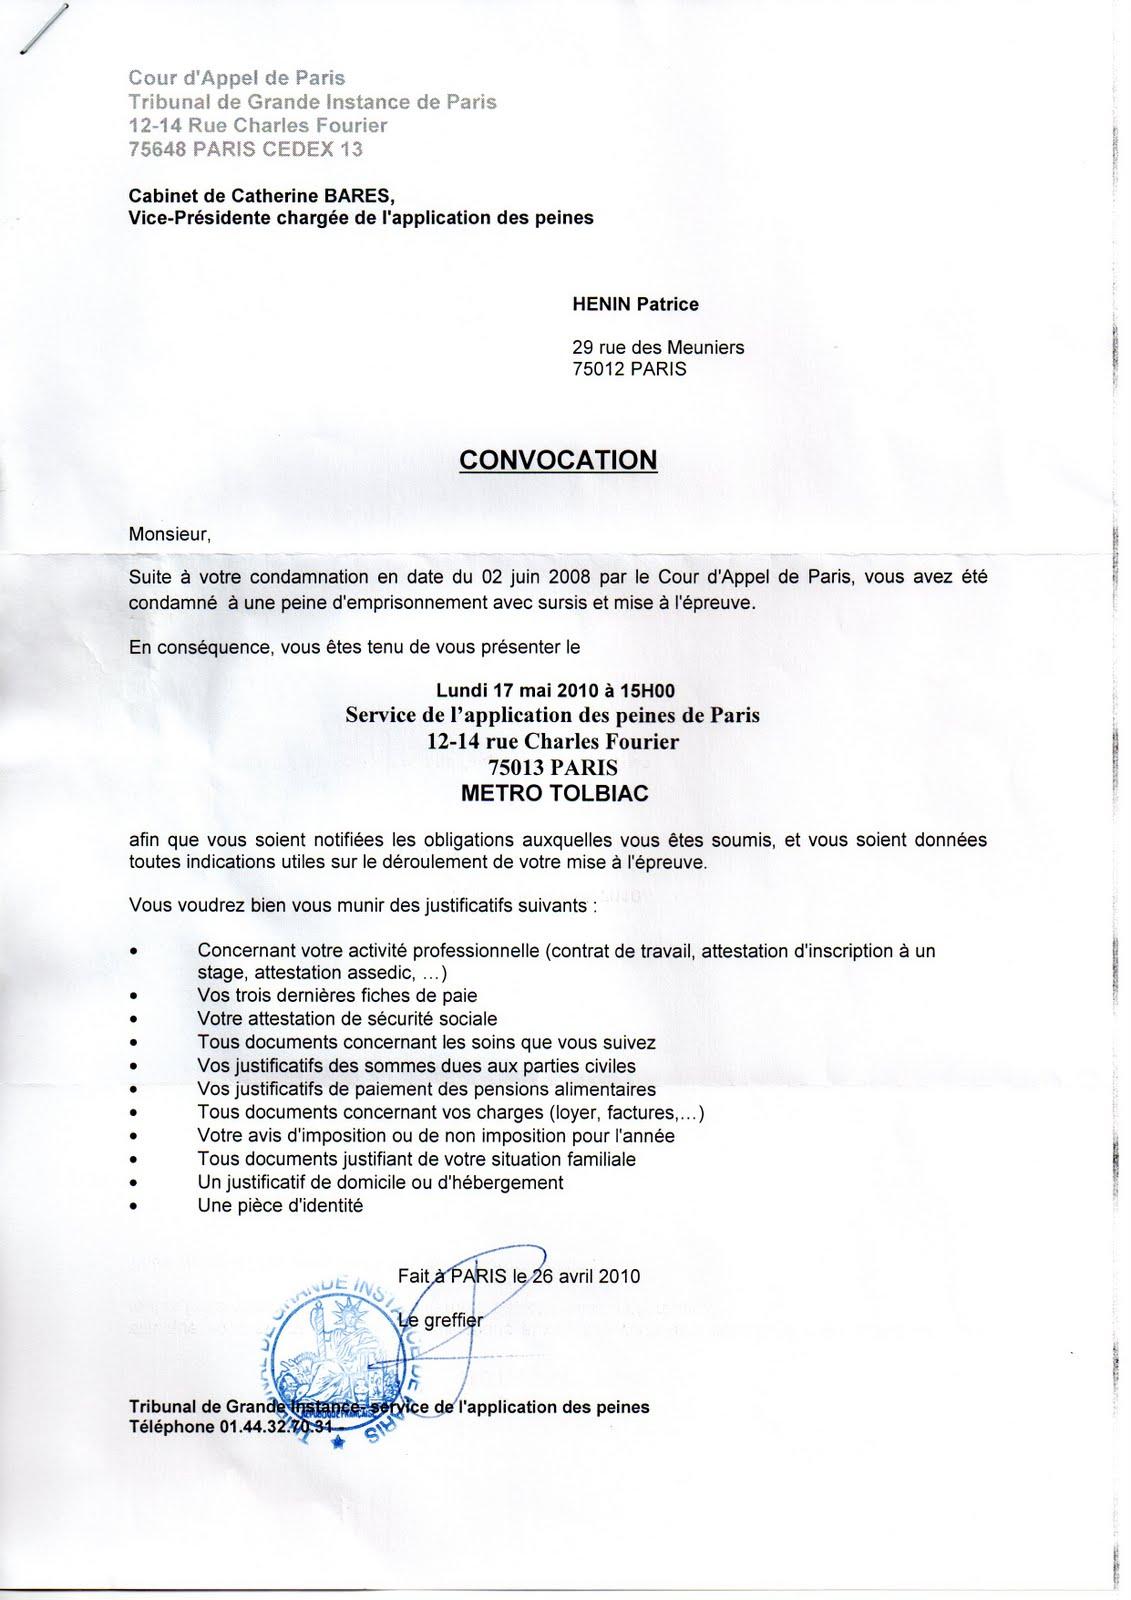 051 convocation de la juge catherine bar s 17 mai 2010 - Coups et blessures volontaires code penal ...